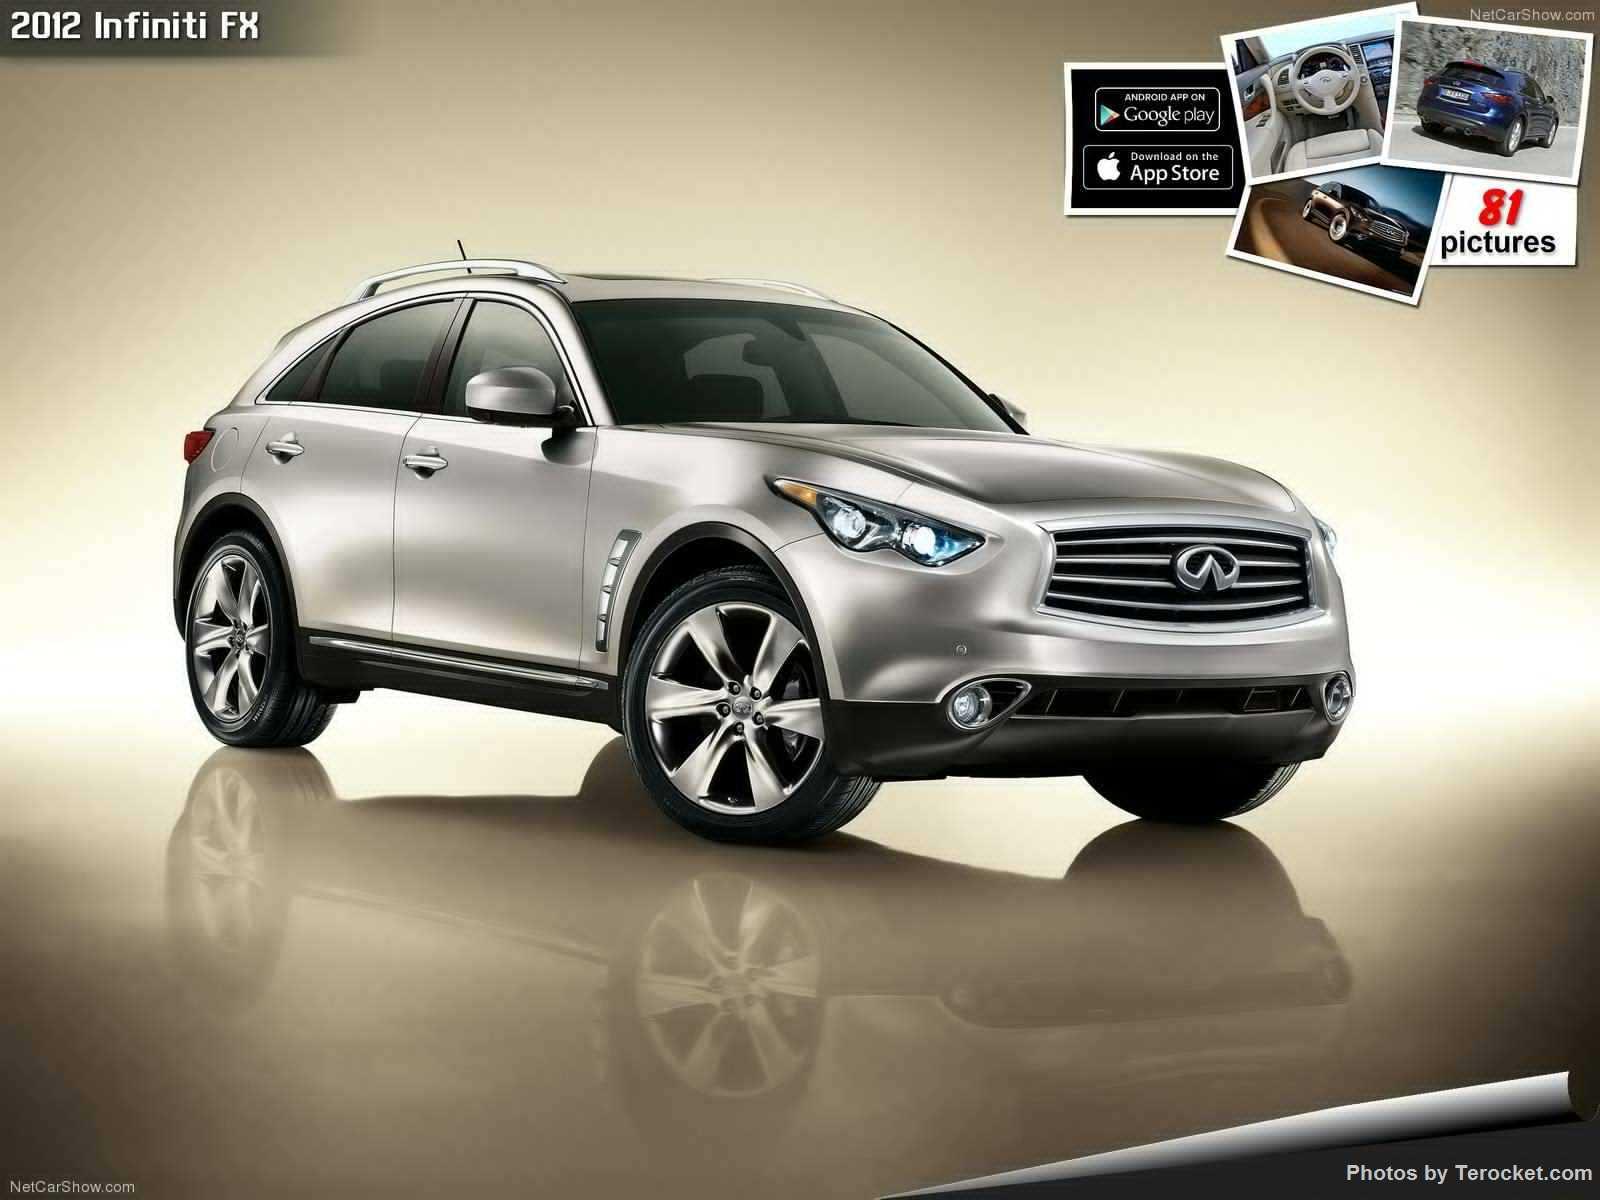 Hình ảnh xe ô tô Infiniti FX 2012 & nội ngoại thất